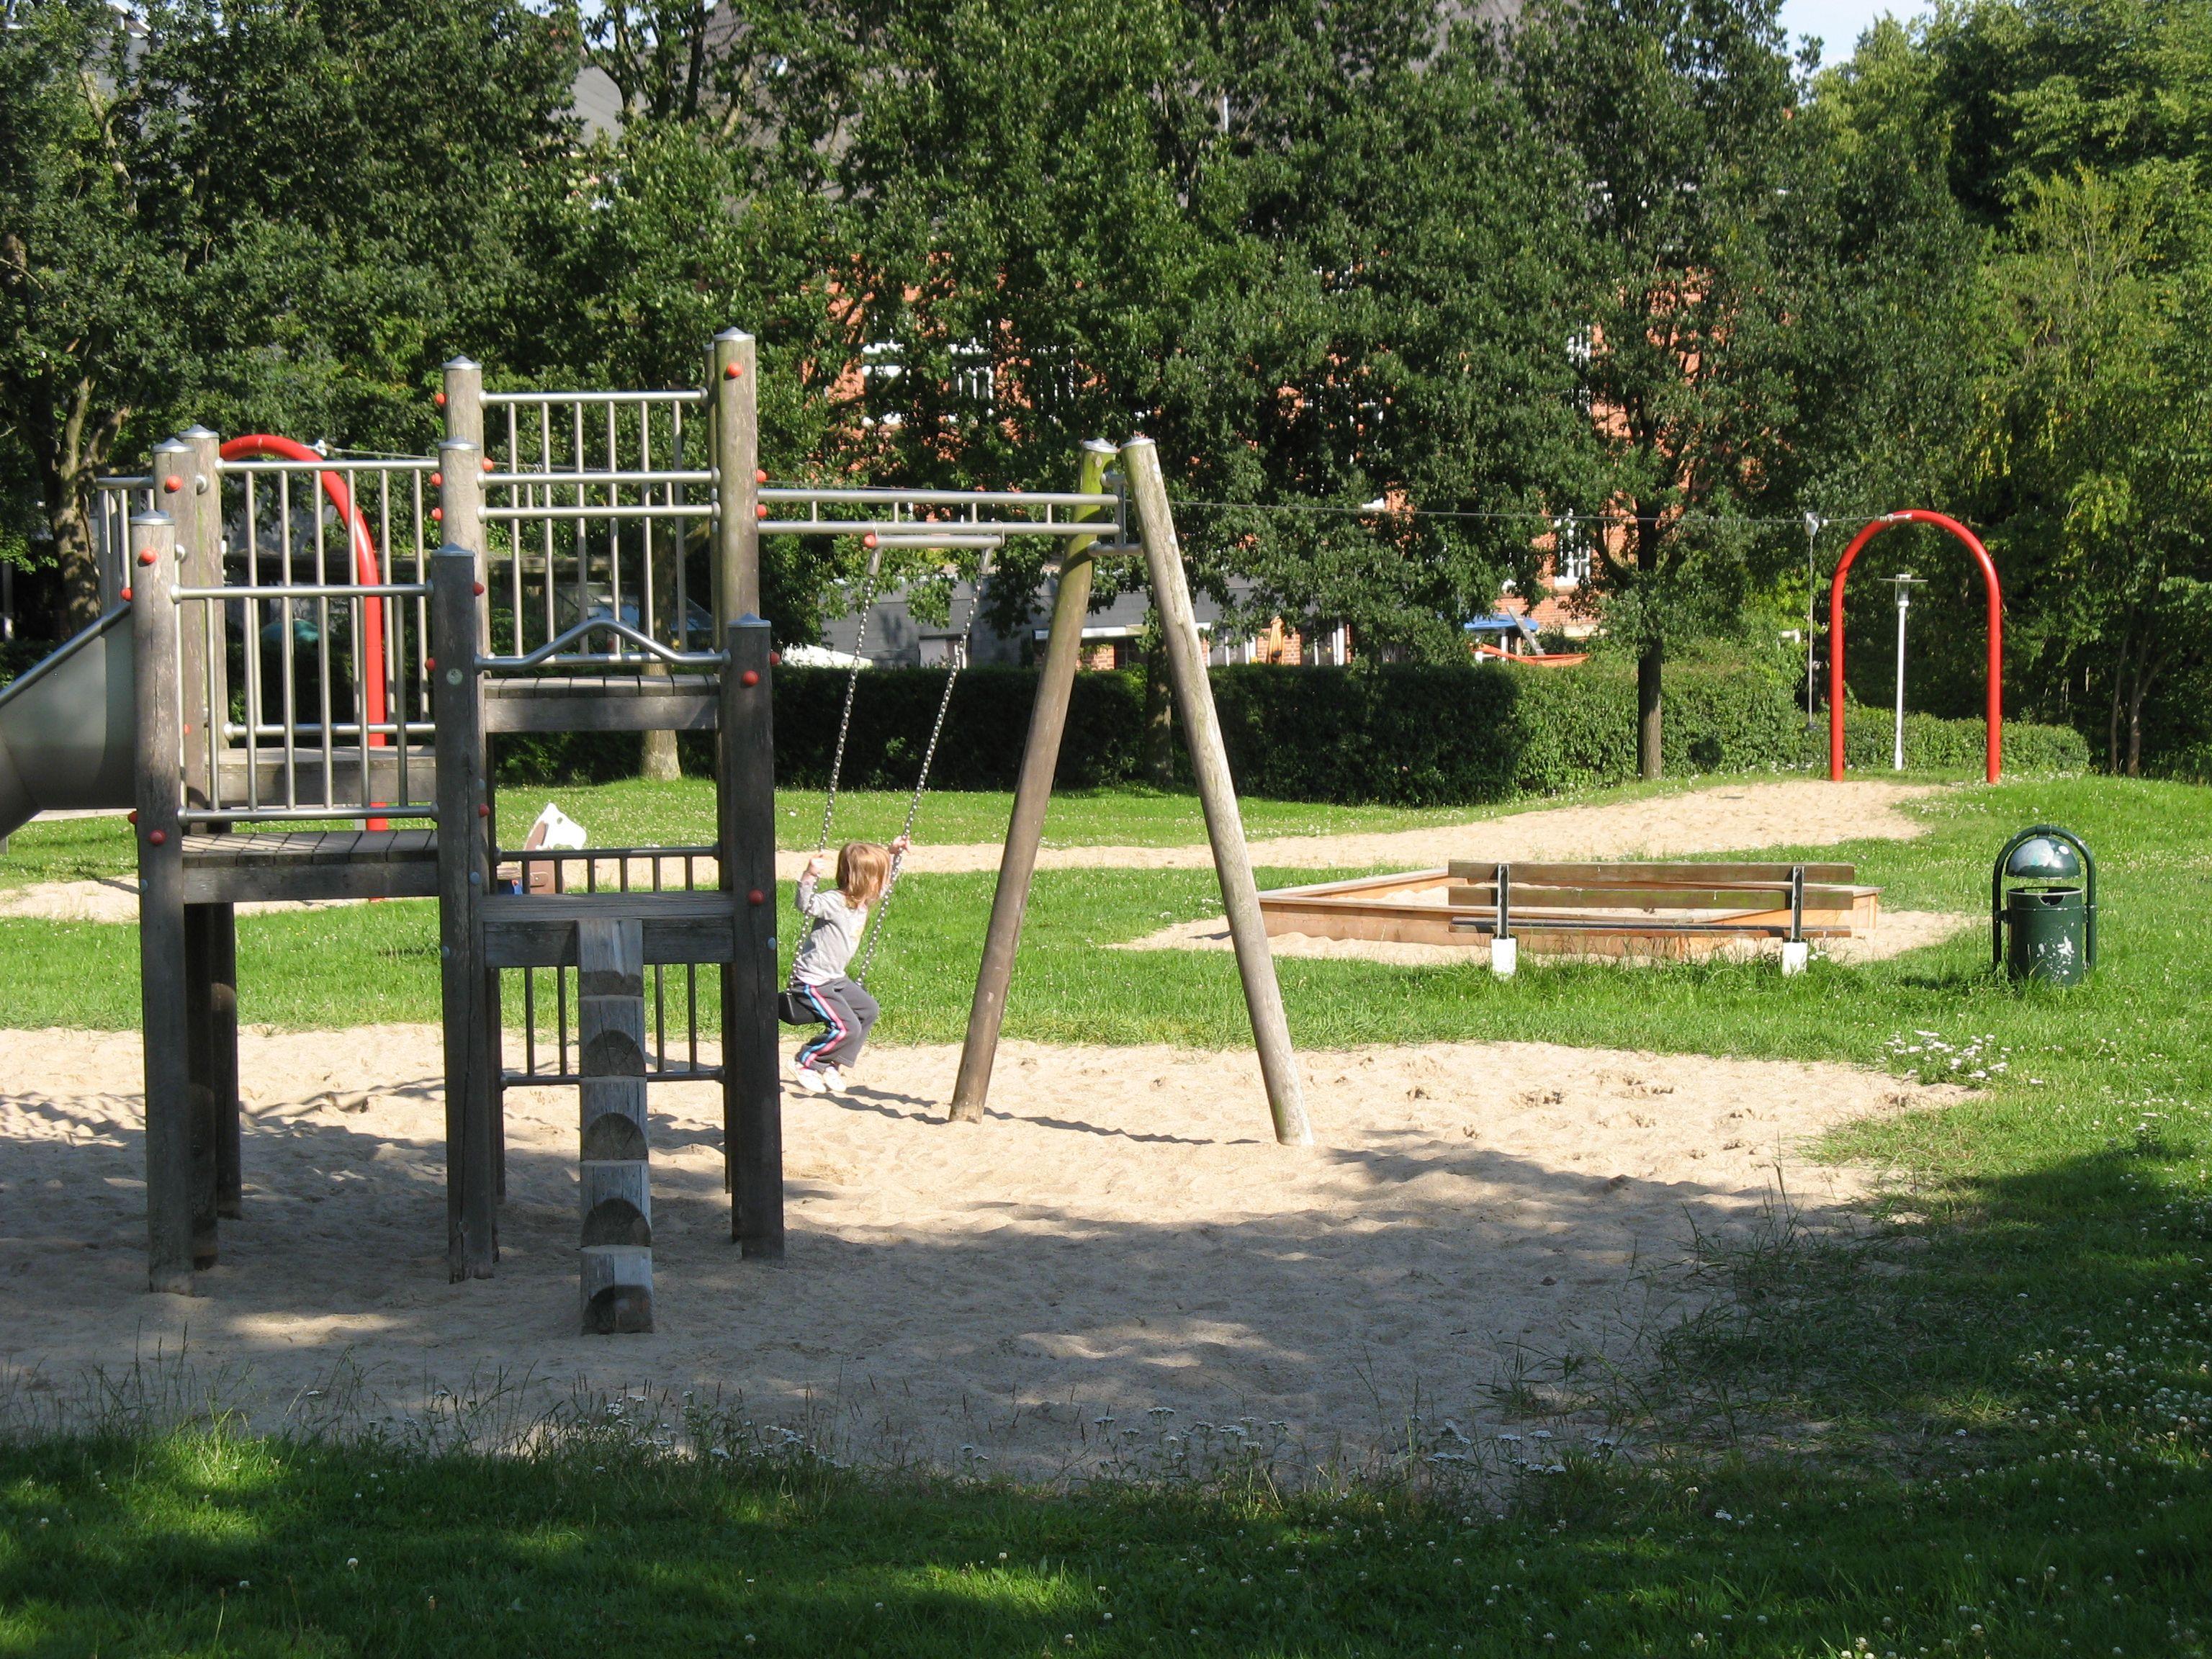 259 Spielplätze und Schulfreiräume mit rund 20.000 Kindern in Niederösterreich umgesetzt - alle Achtung! Wenn das Wetter weiter so bleibt, kann man sie auch im Winter nutzen :-)  http://www.noe.gv.at/Presse/Pressedienst/Pressearchiv/119891_Spielplaetze.html